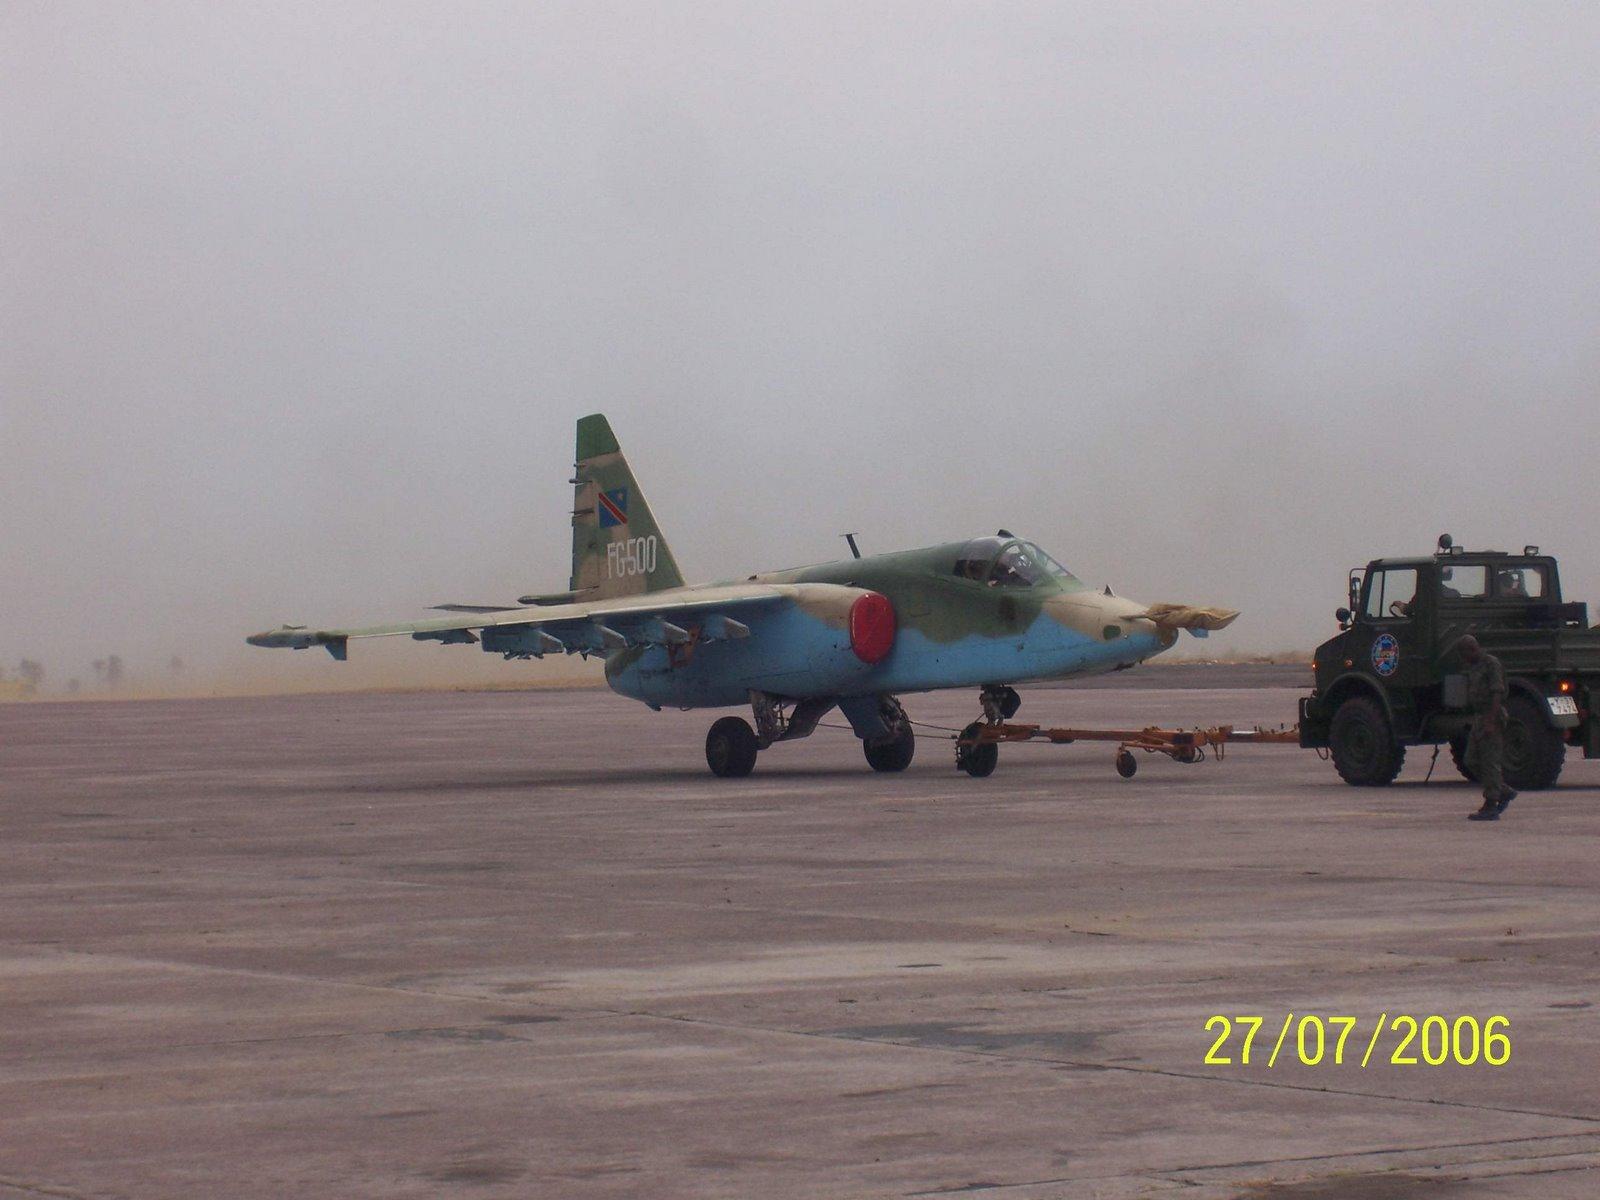 Forces Armées de la République Démocratique du Congo (FARDC) CONGO%2B1